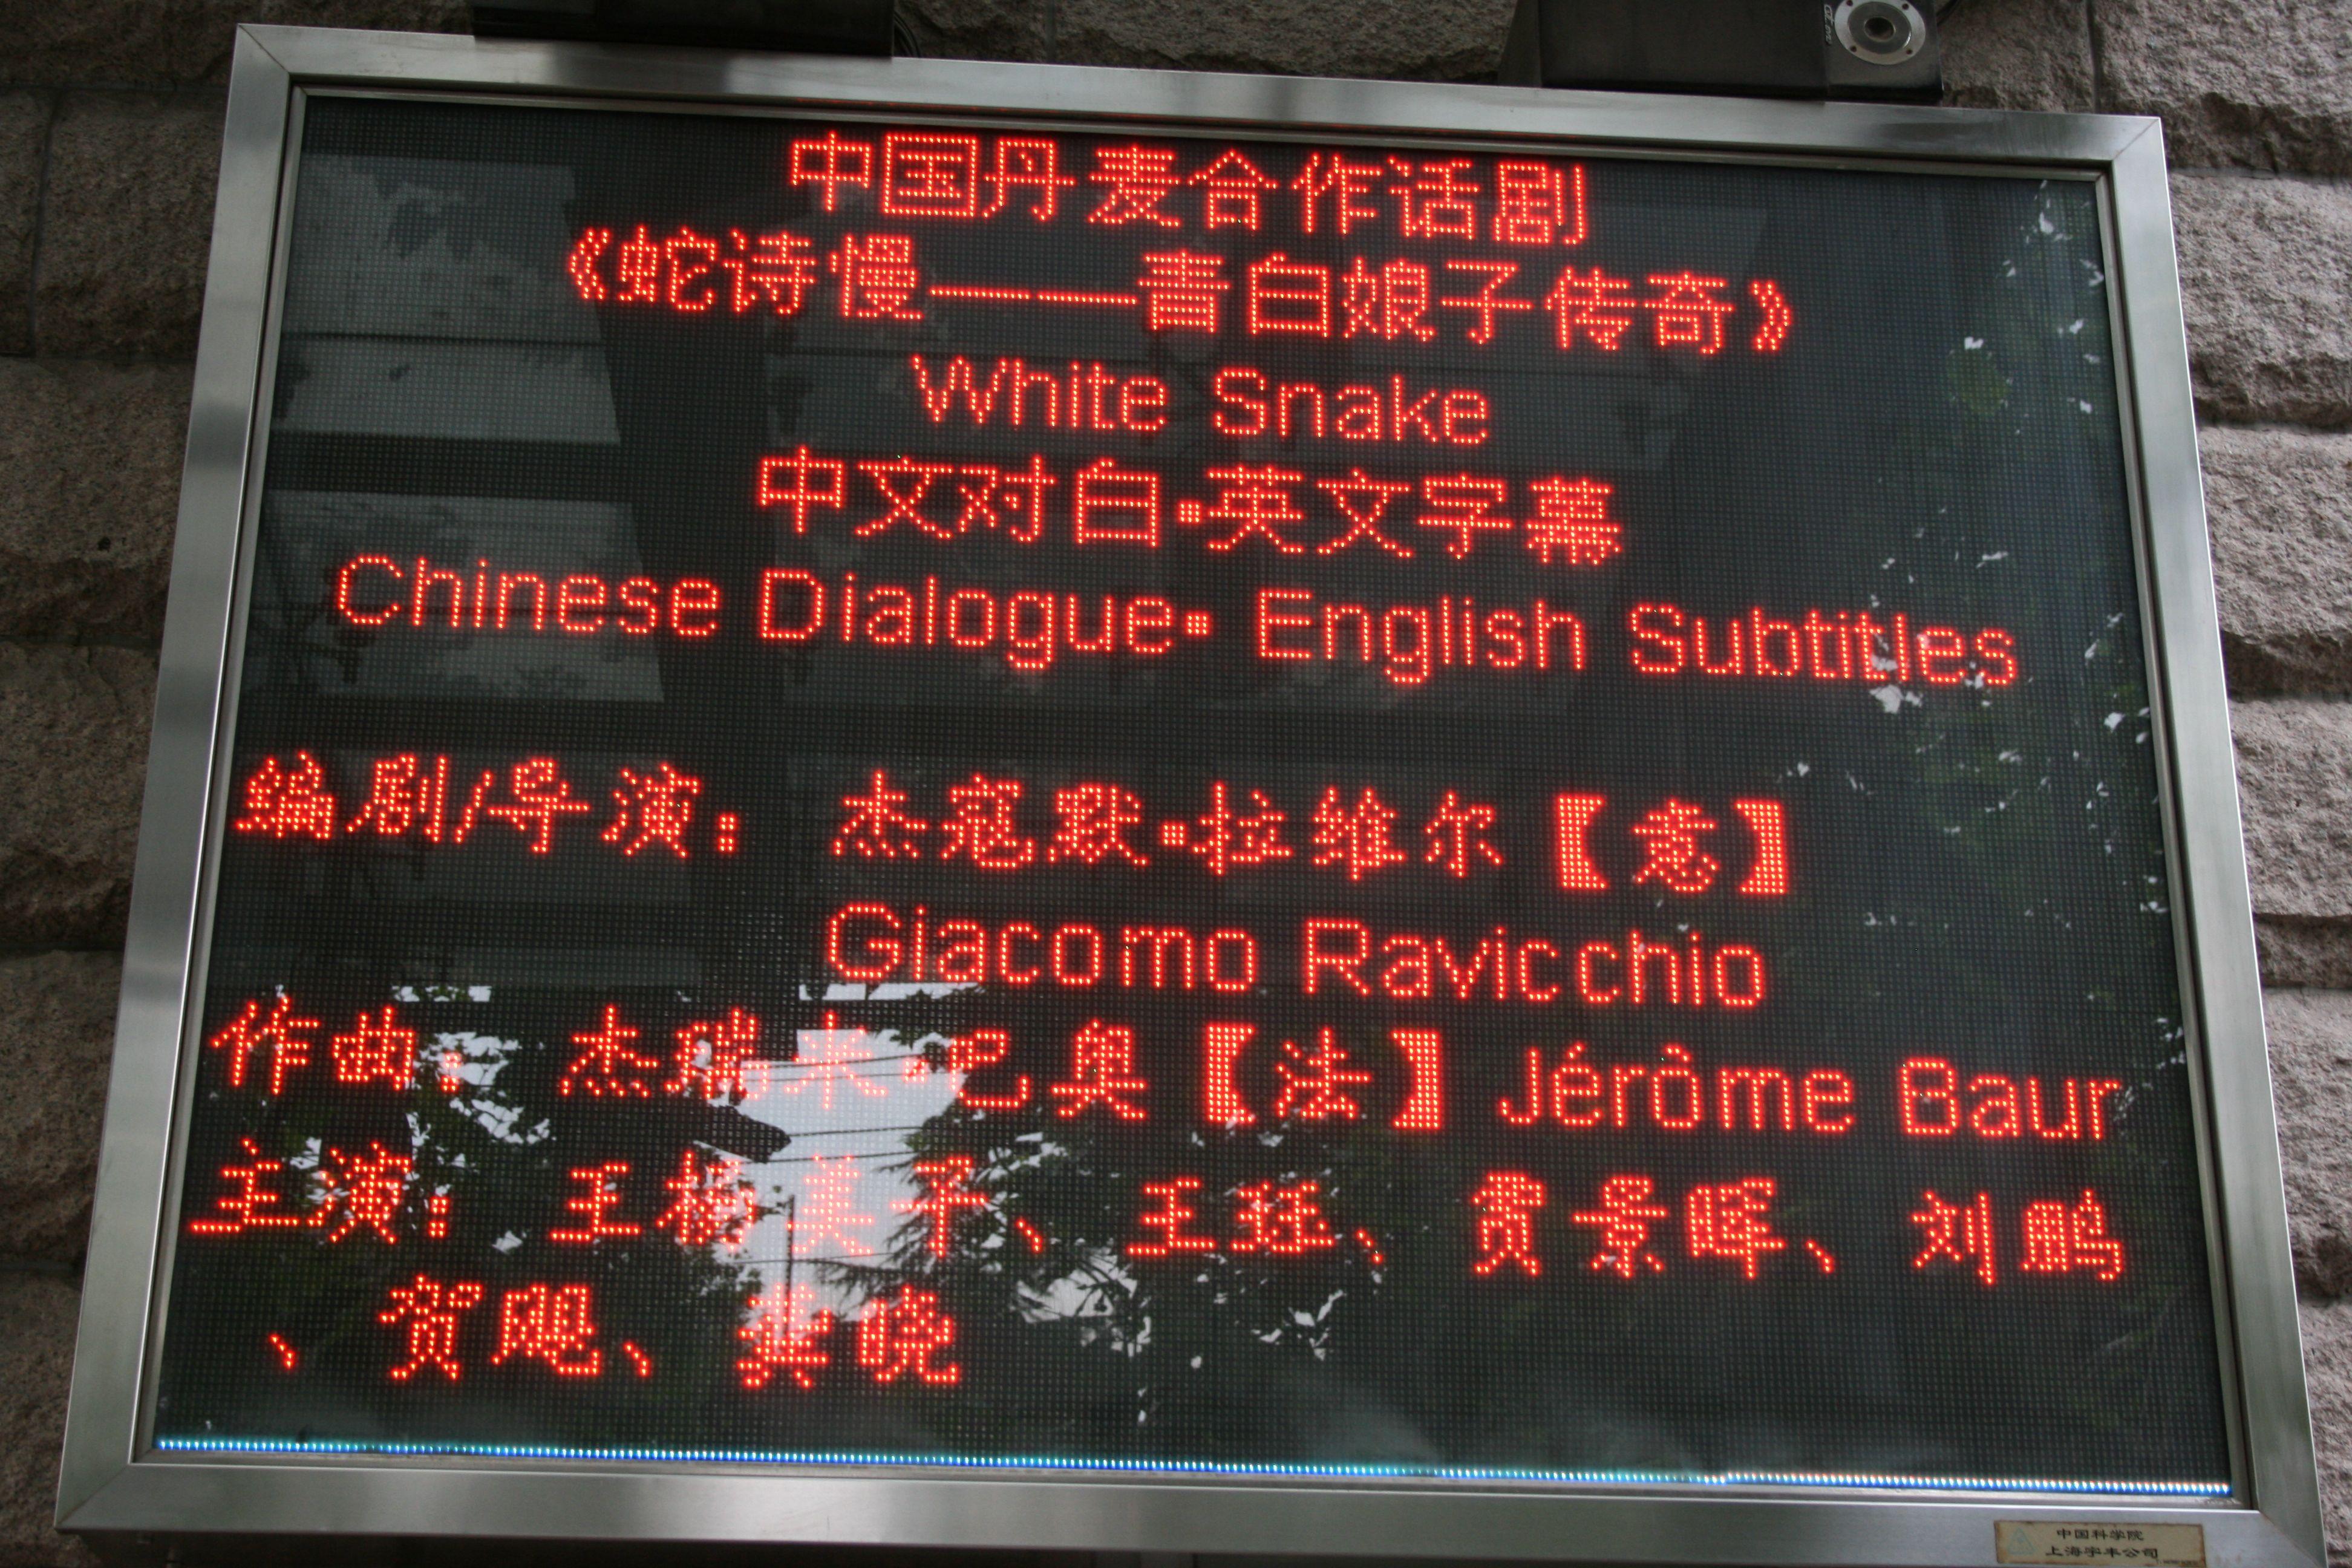 Shanghai adv